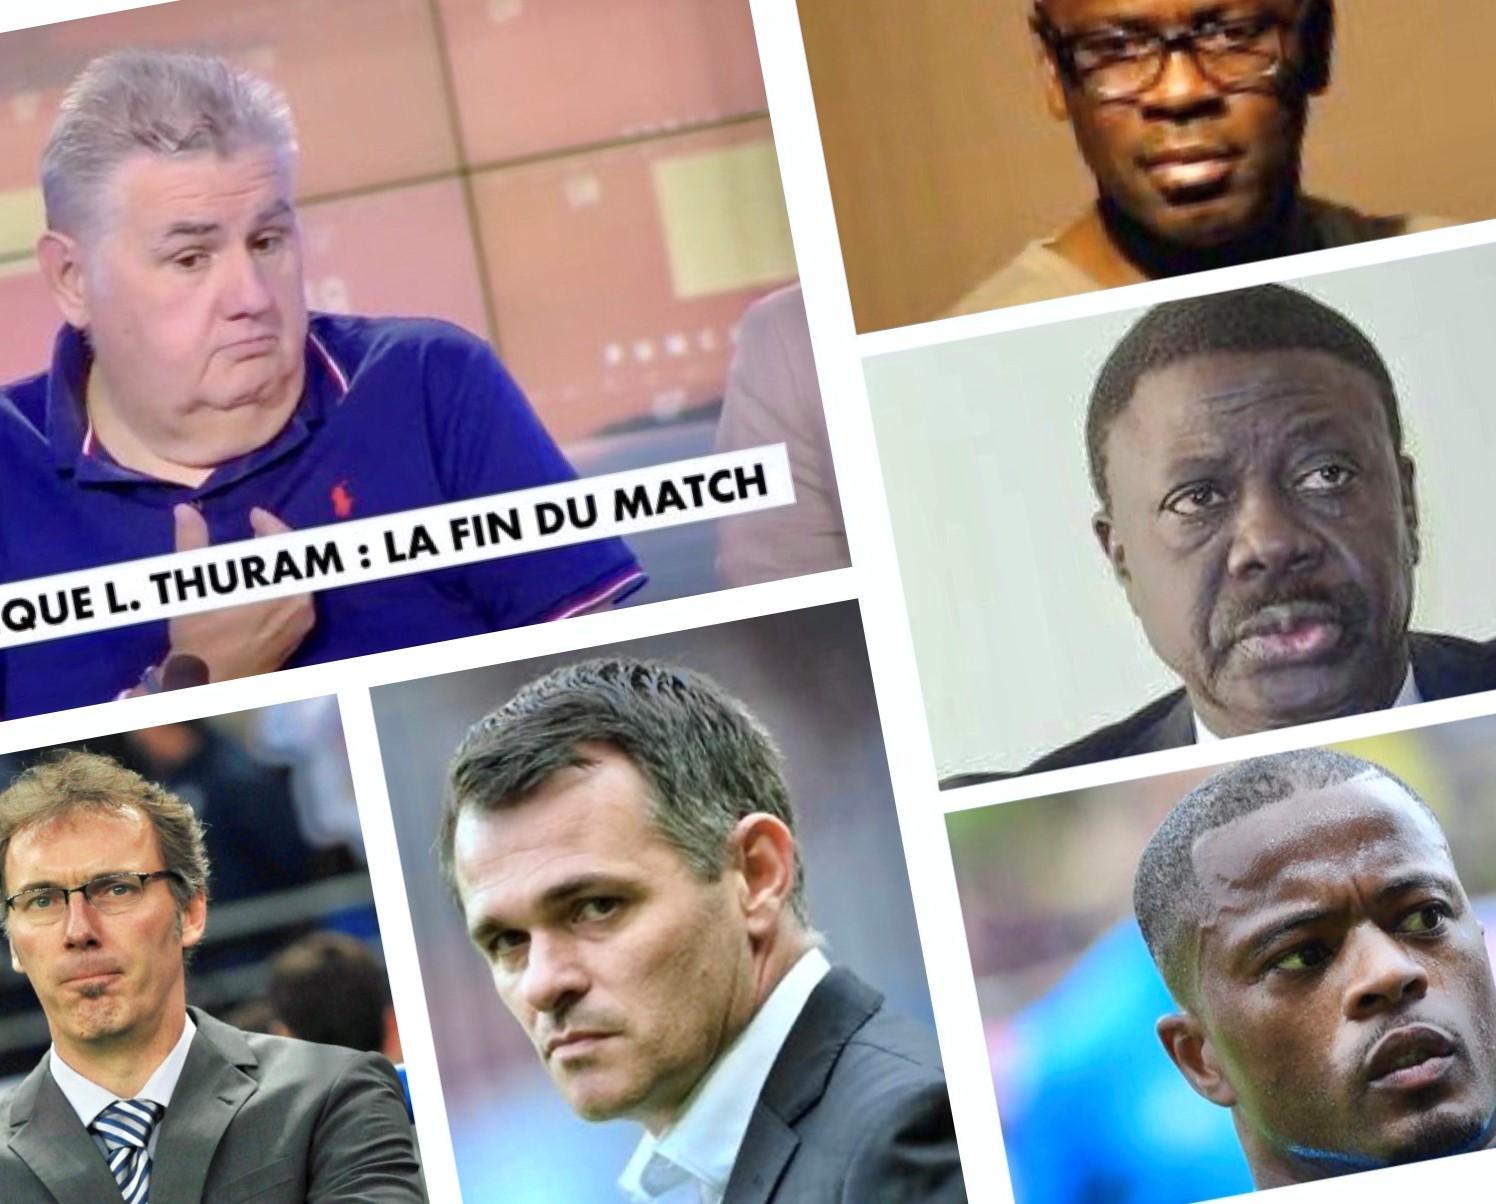 Pierre Menes Lilian Thuram Racisme foot